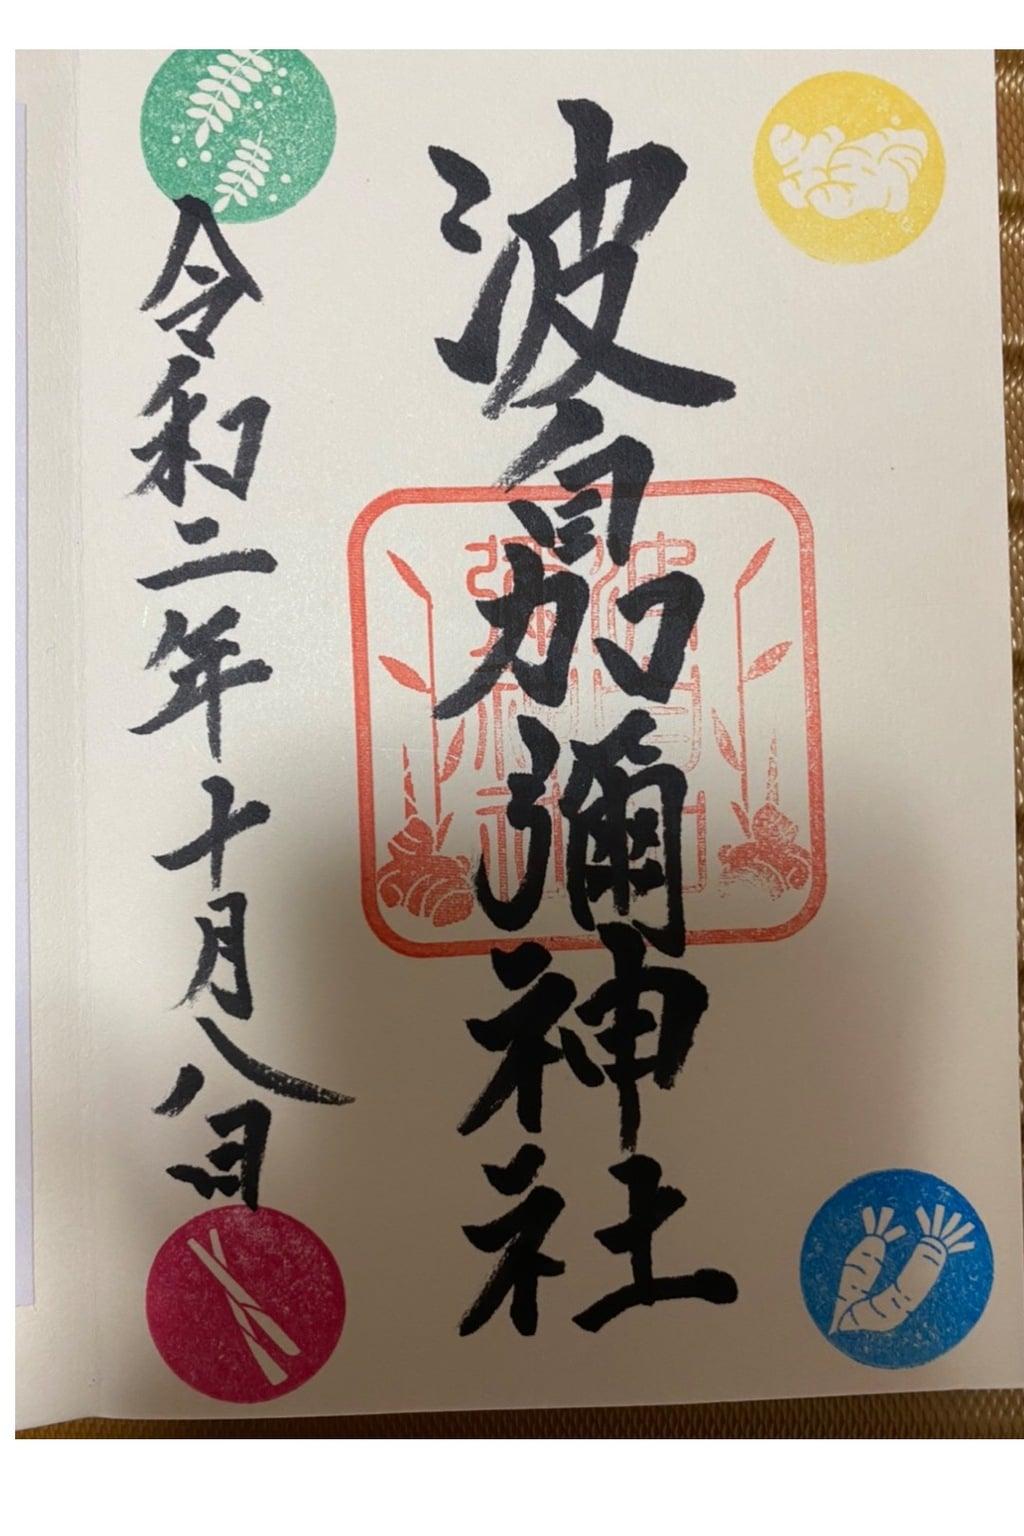 日本唯一香辛料の神 波自加彌神社の御朱印